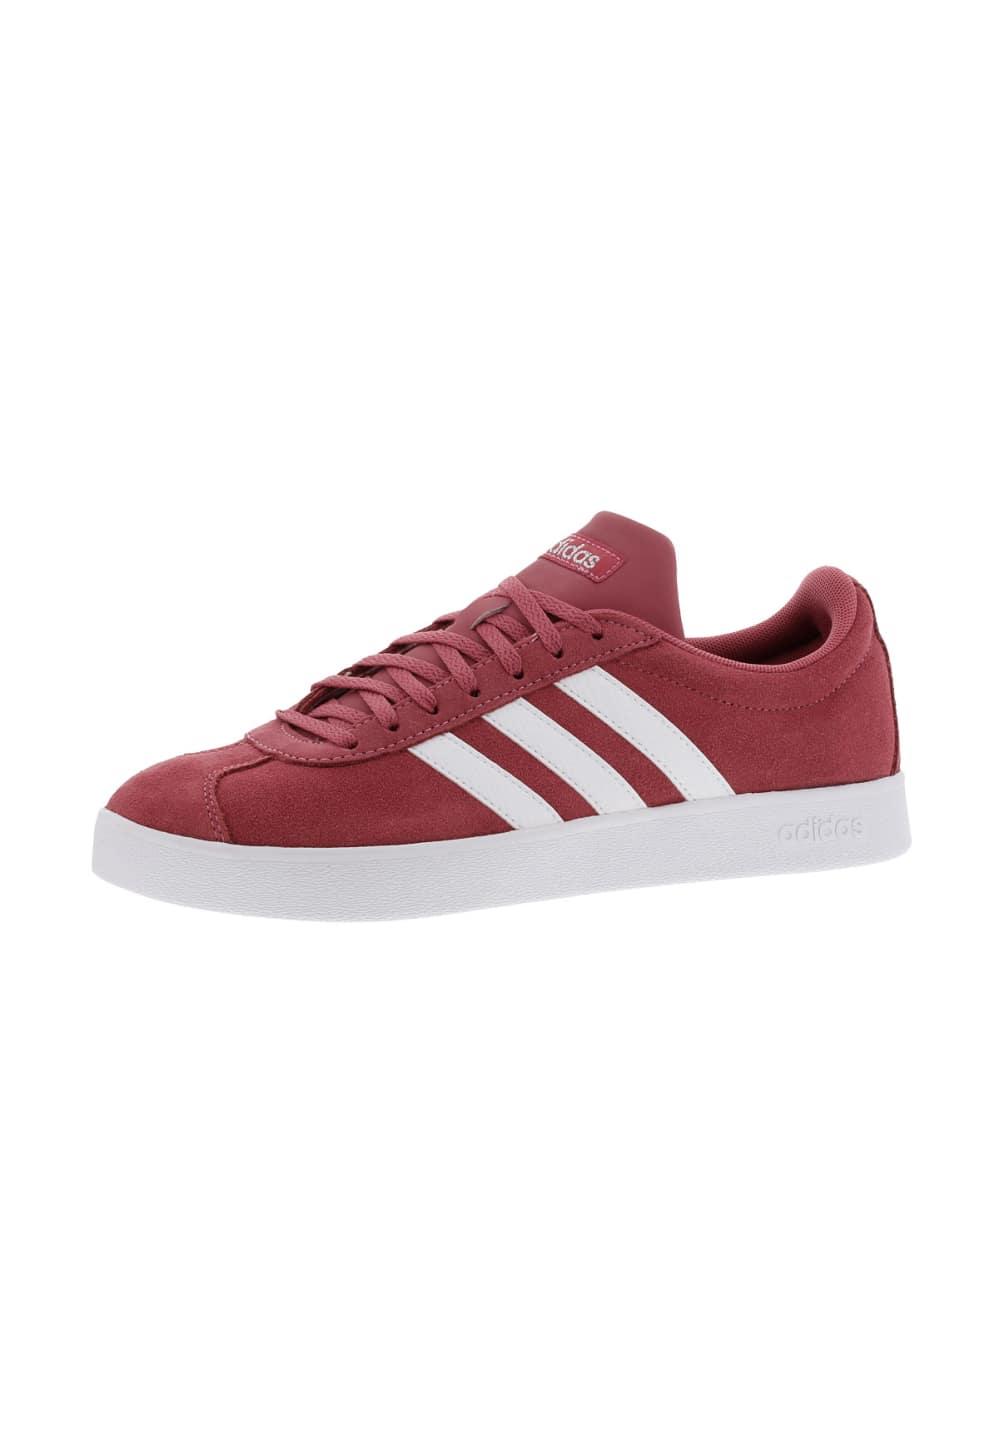 meilleur site web 06f99 a3e47 adidas neo VL Court 2.0 - Baskets pour Femme - Rouge